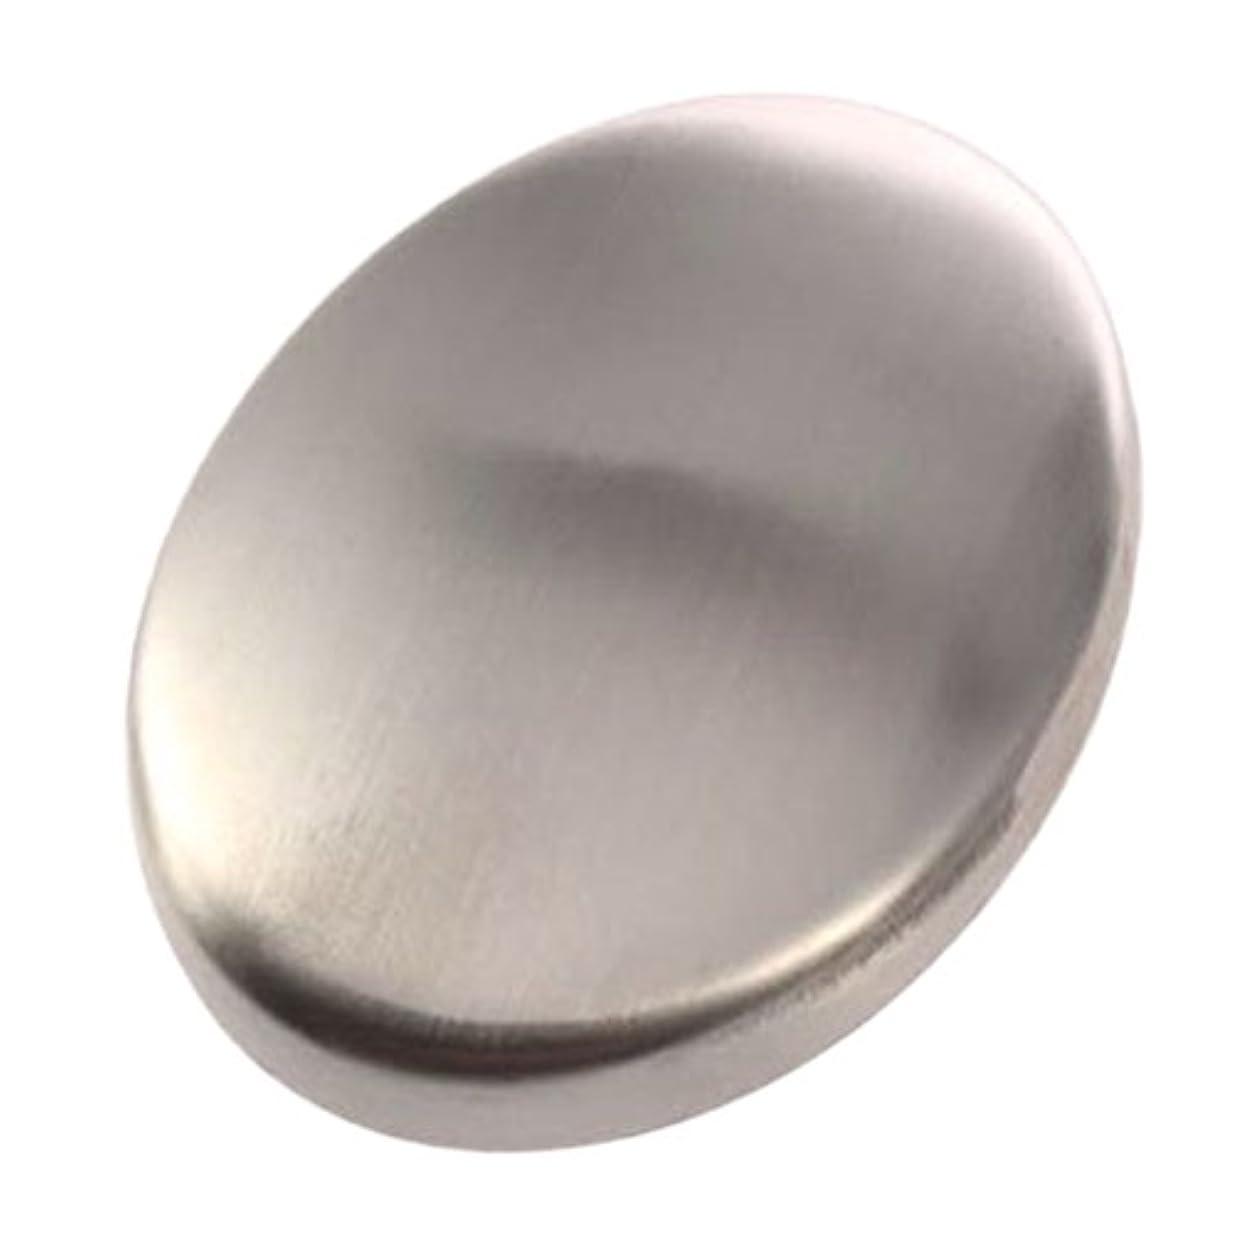 ファブリック流すオートメーションZafina ステンレスソープ 円形 においとりソープ 臭い取り ステンレス石鹸